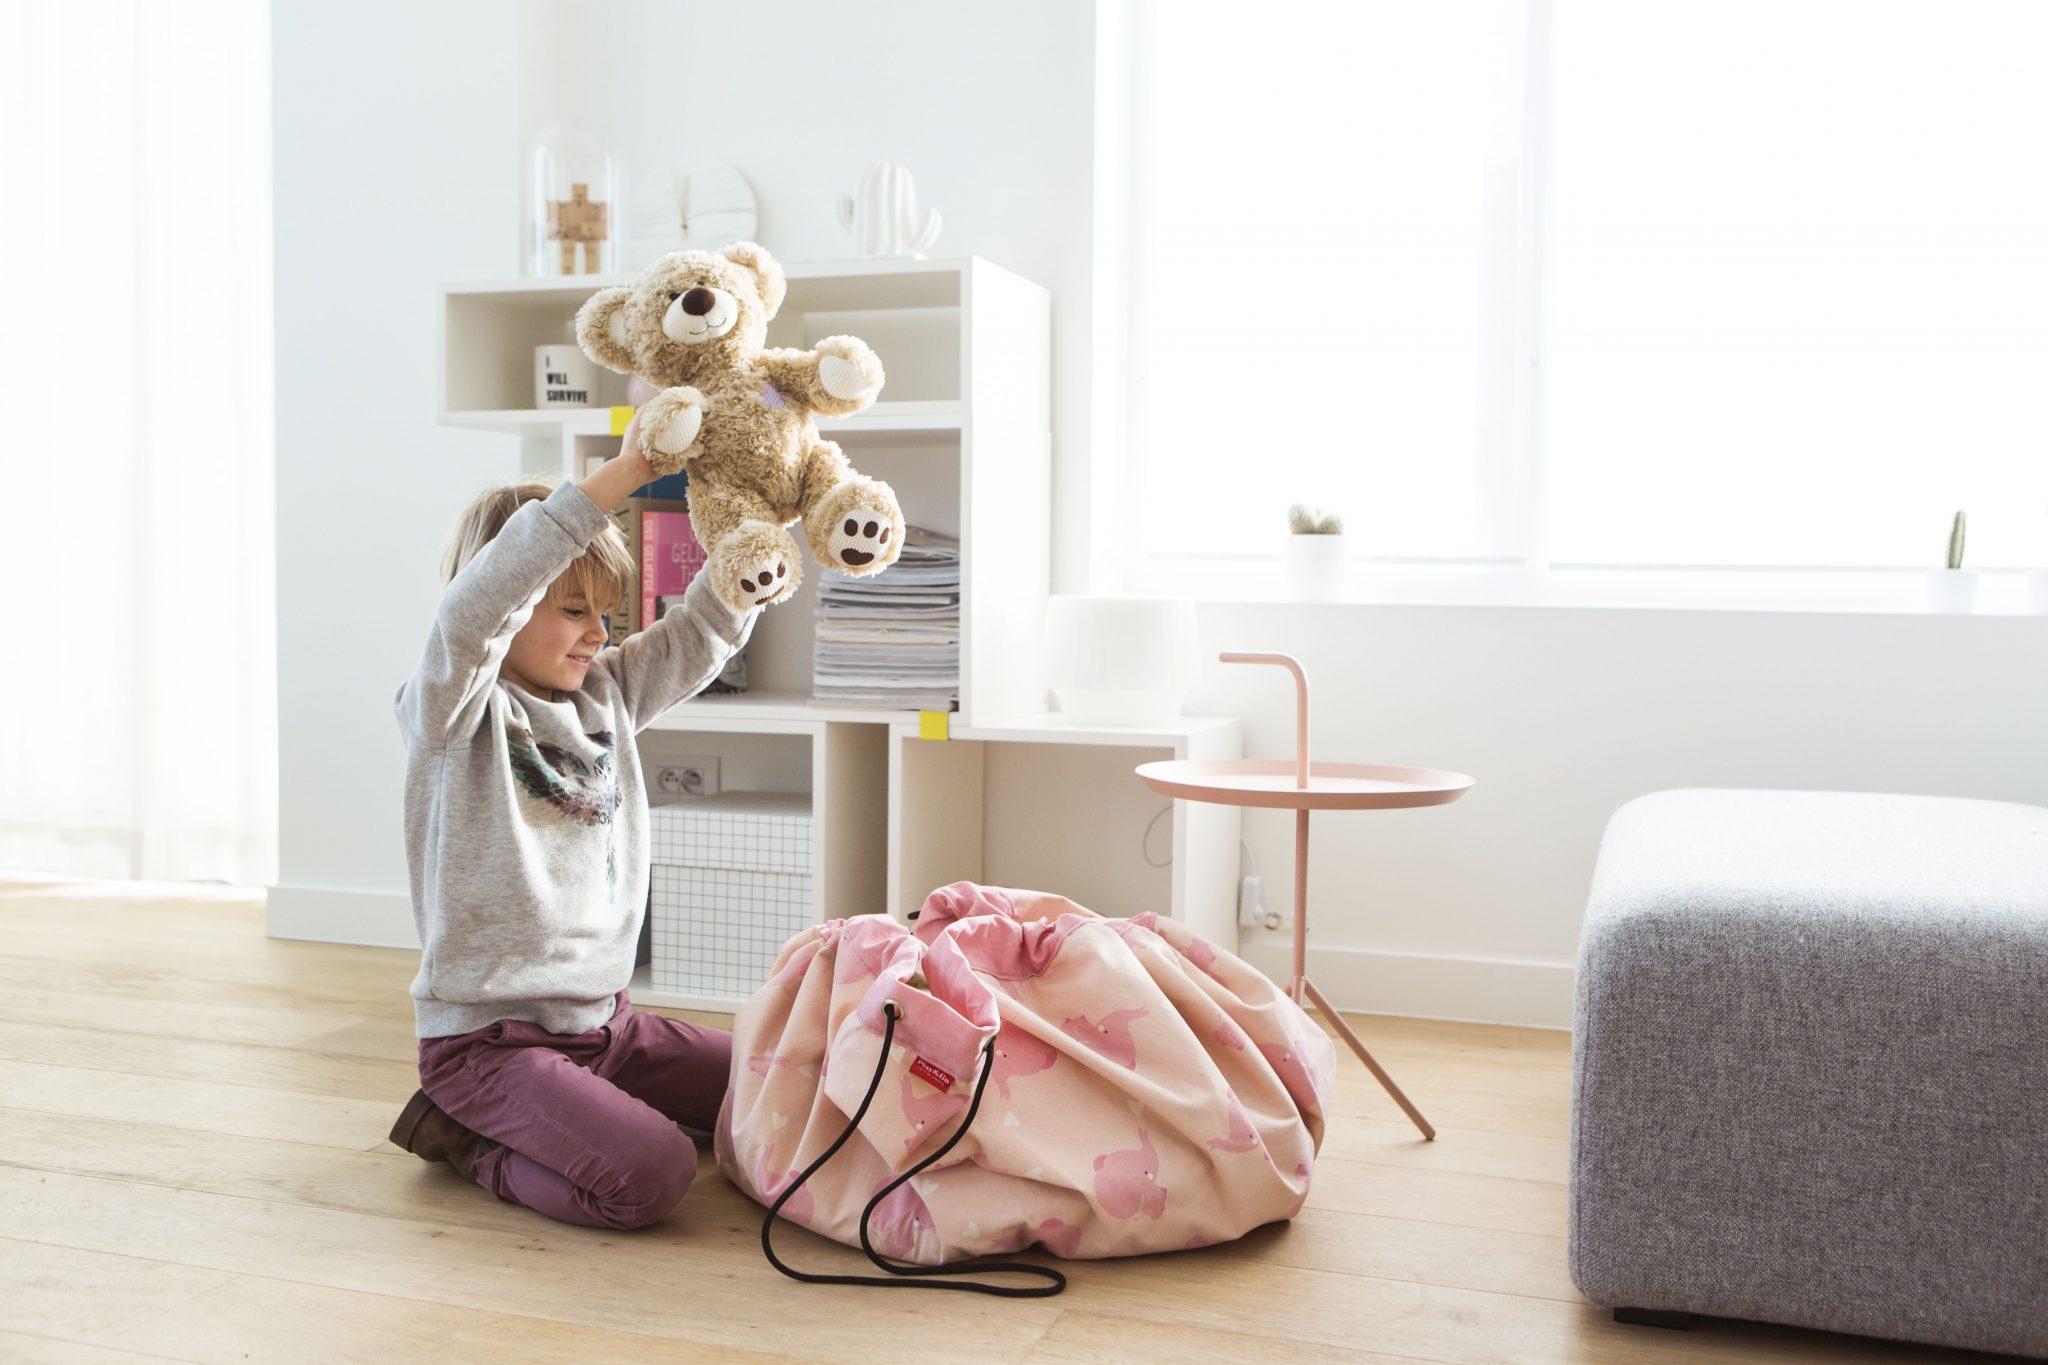 比利時 play & go 玩具整理袋 藝術家聯名款 (粉紅大象)